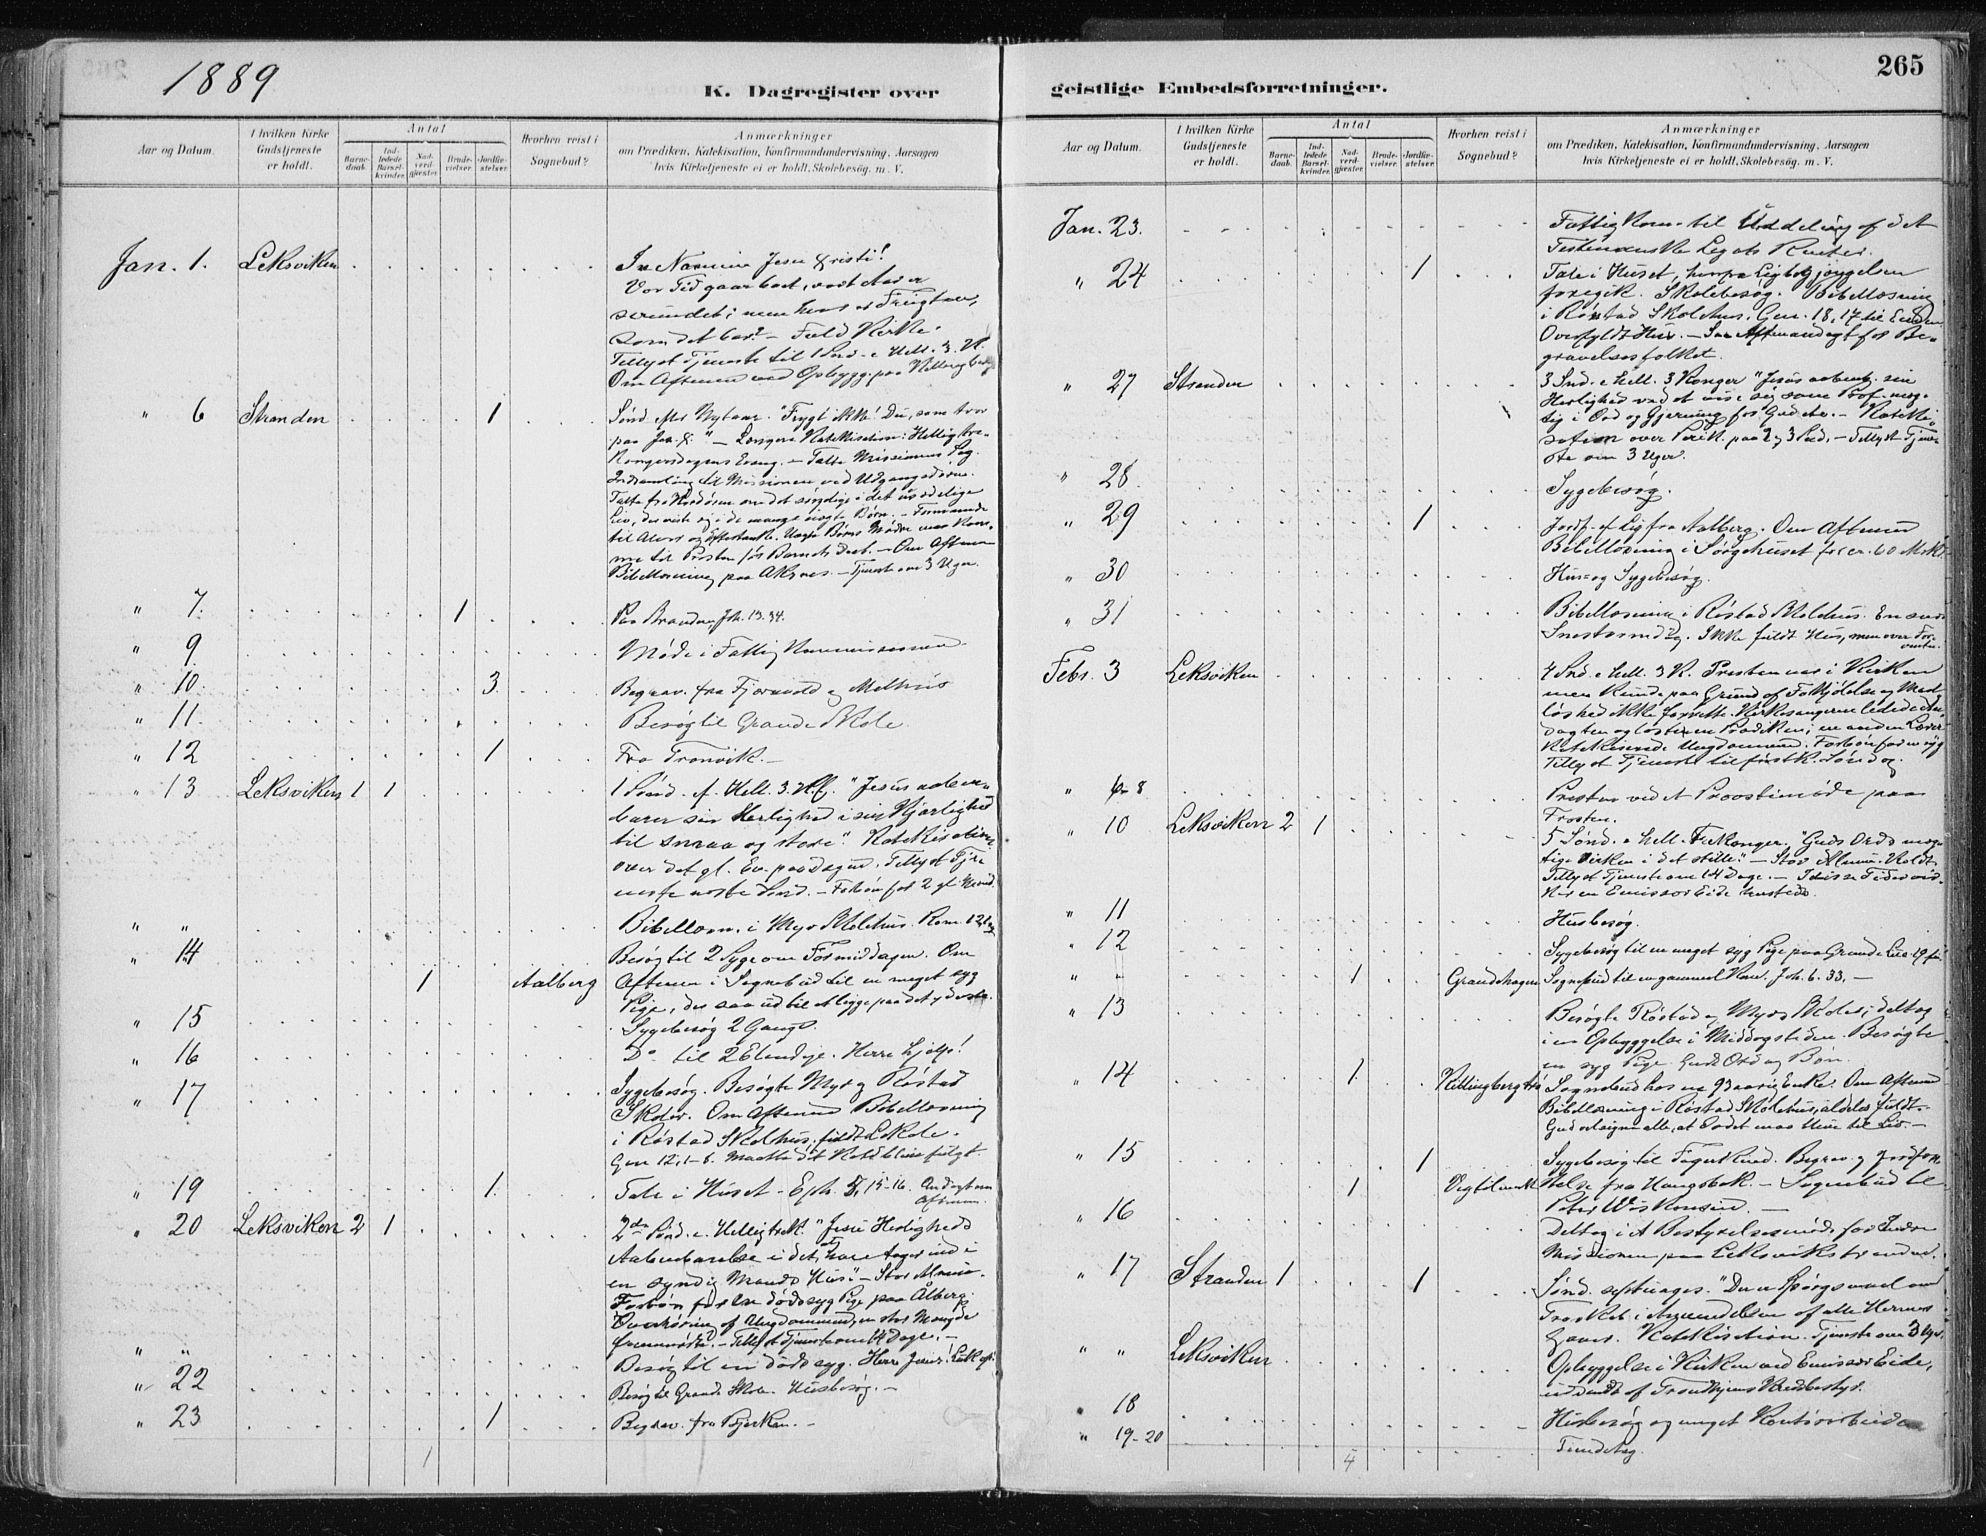 SAT, Ministerialprotokoller, klokkerbøker og fødselsregistre - Nord-Trøndelag, 701/L0010: Ministerialbok nr. 701A10, 1883-1899, s. 265